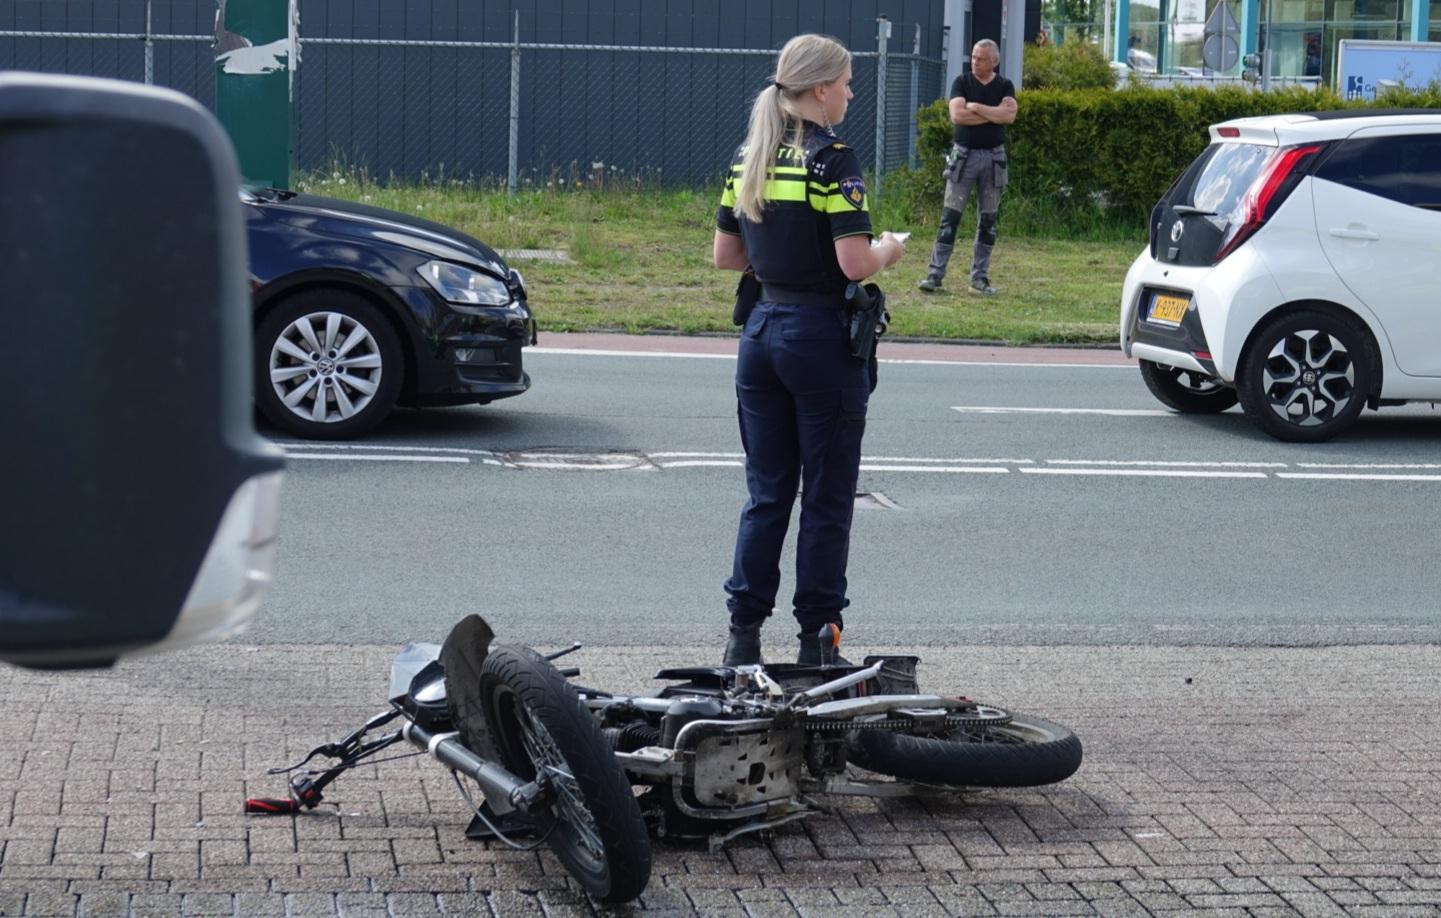 Brommerbestuurder naar ziekenhuis na botsing met bestelbus in Wormerveer